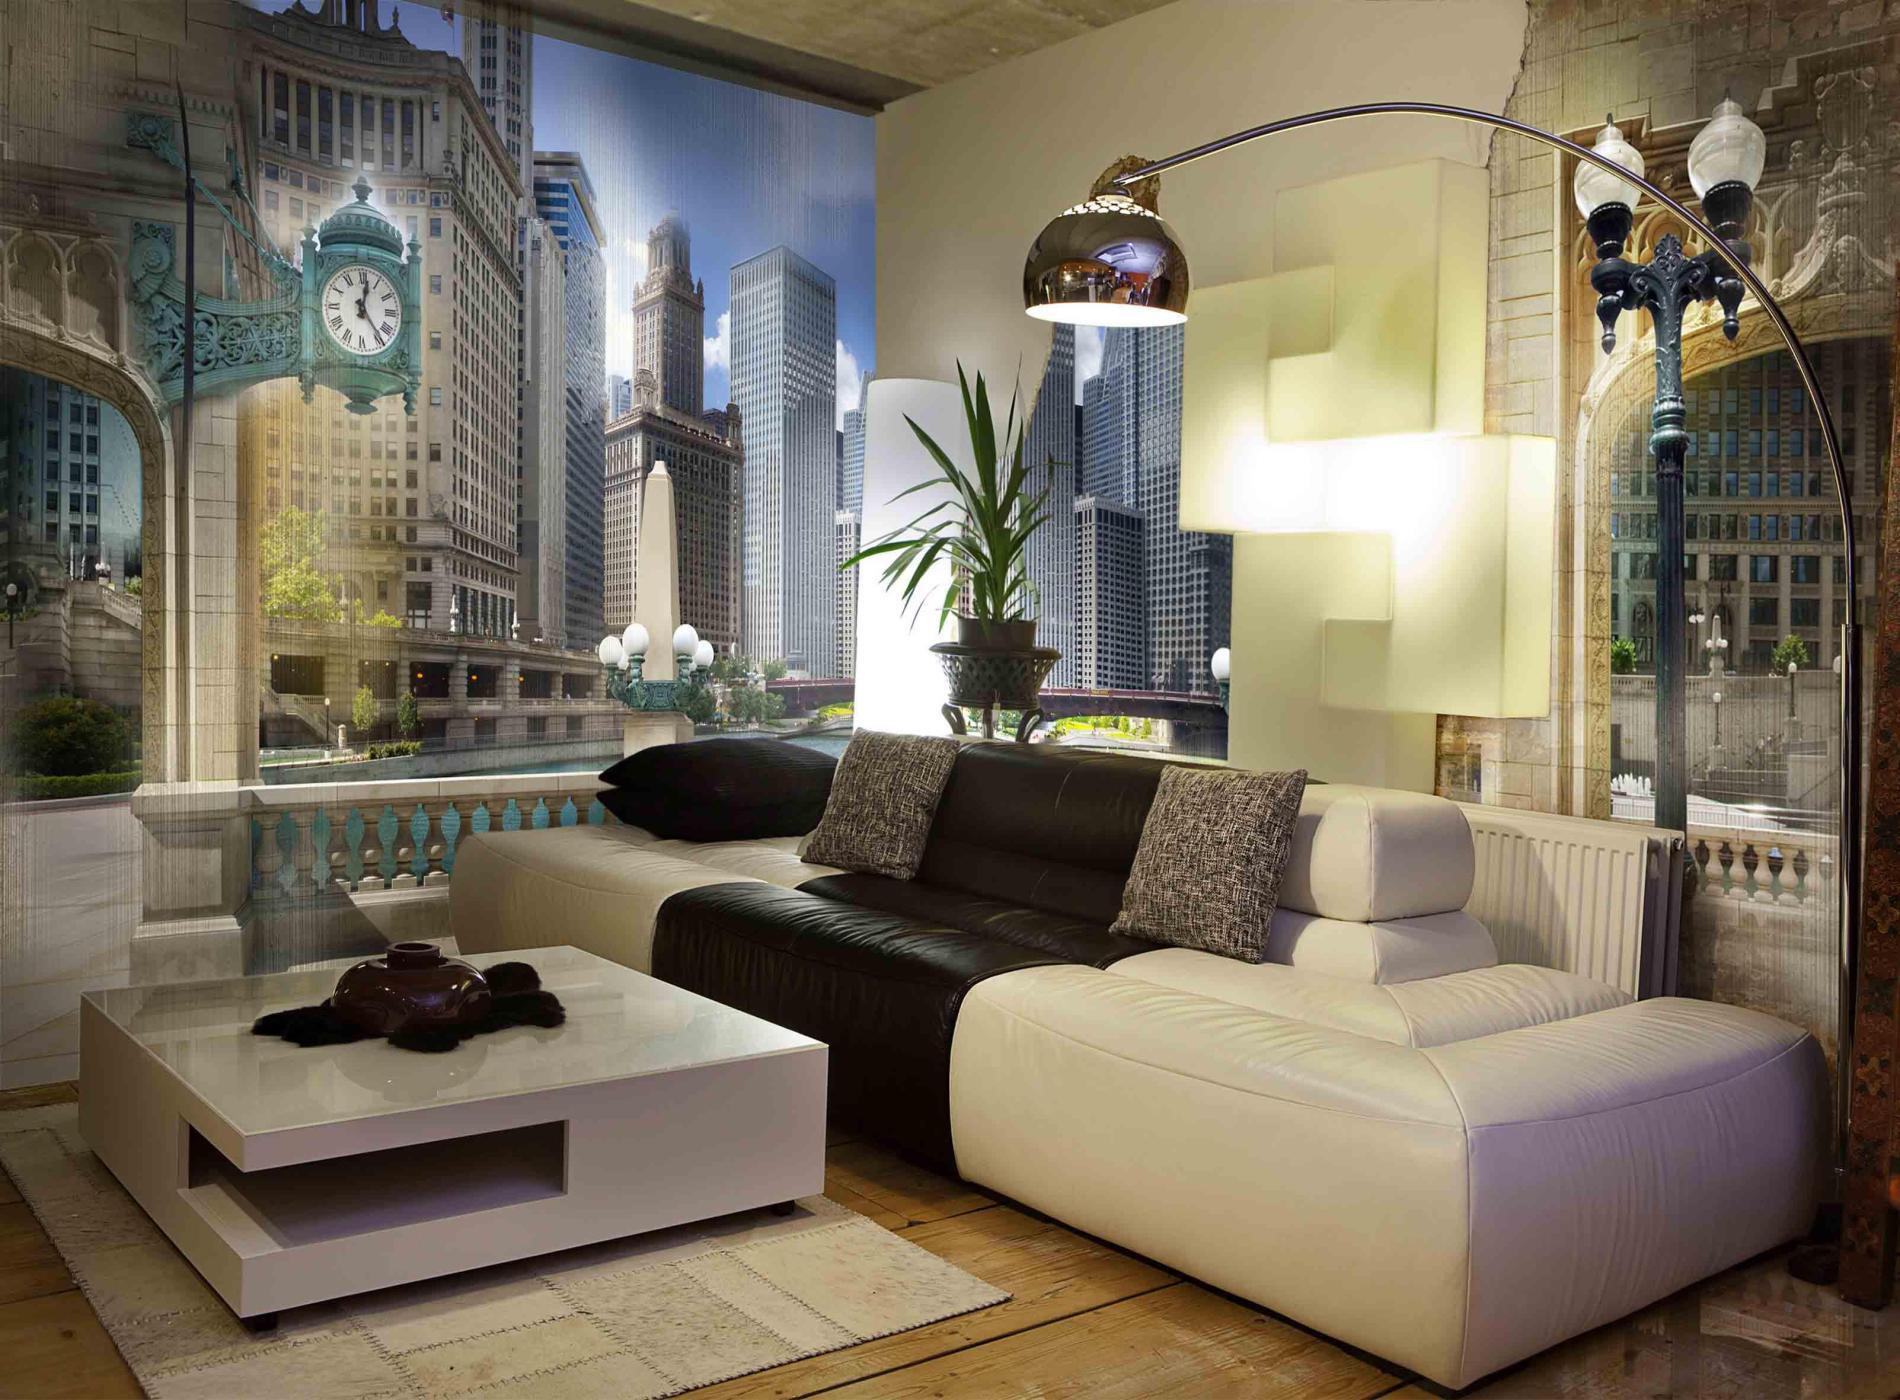 applico-murals-in-living-room-1798-1900